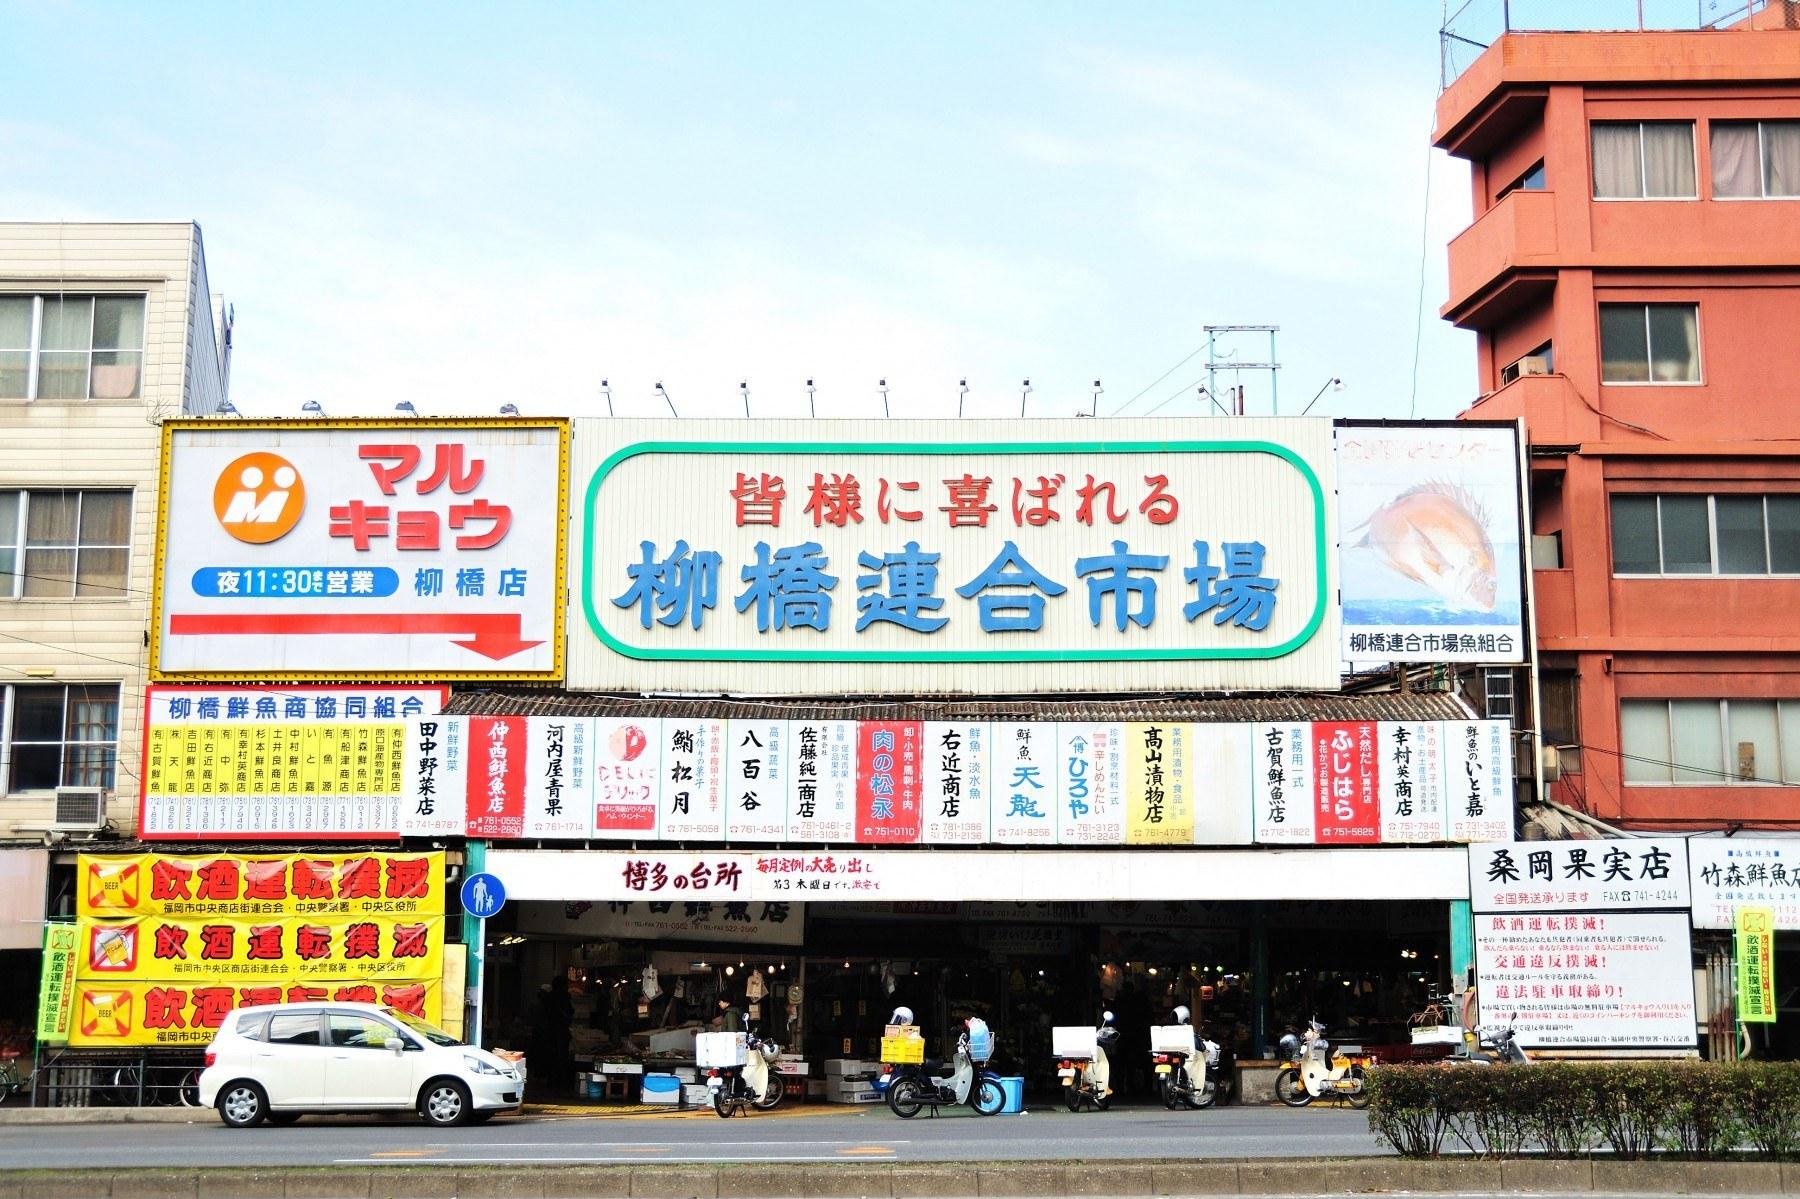 柳橋連合市場(2009)の画像